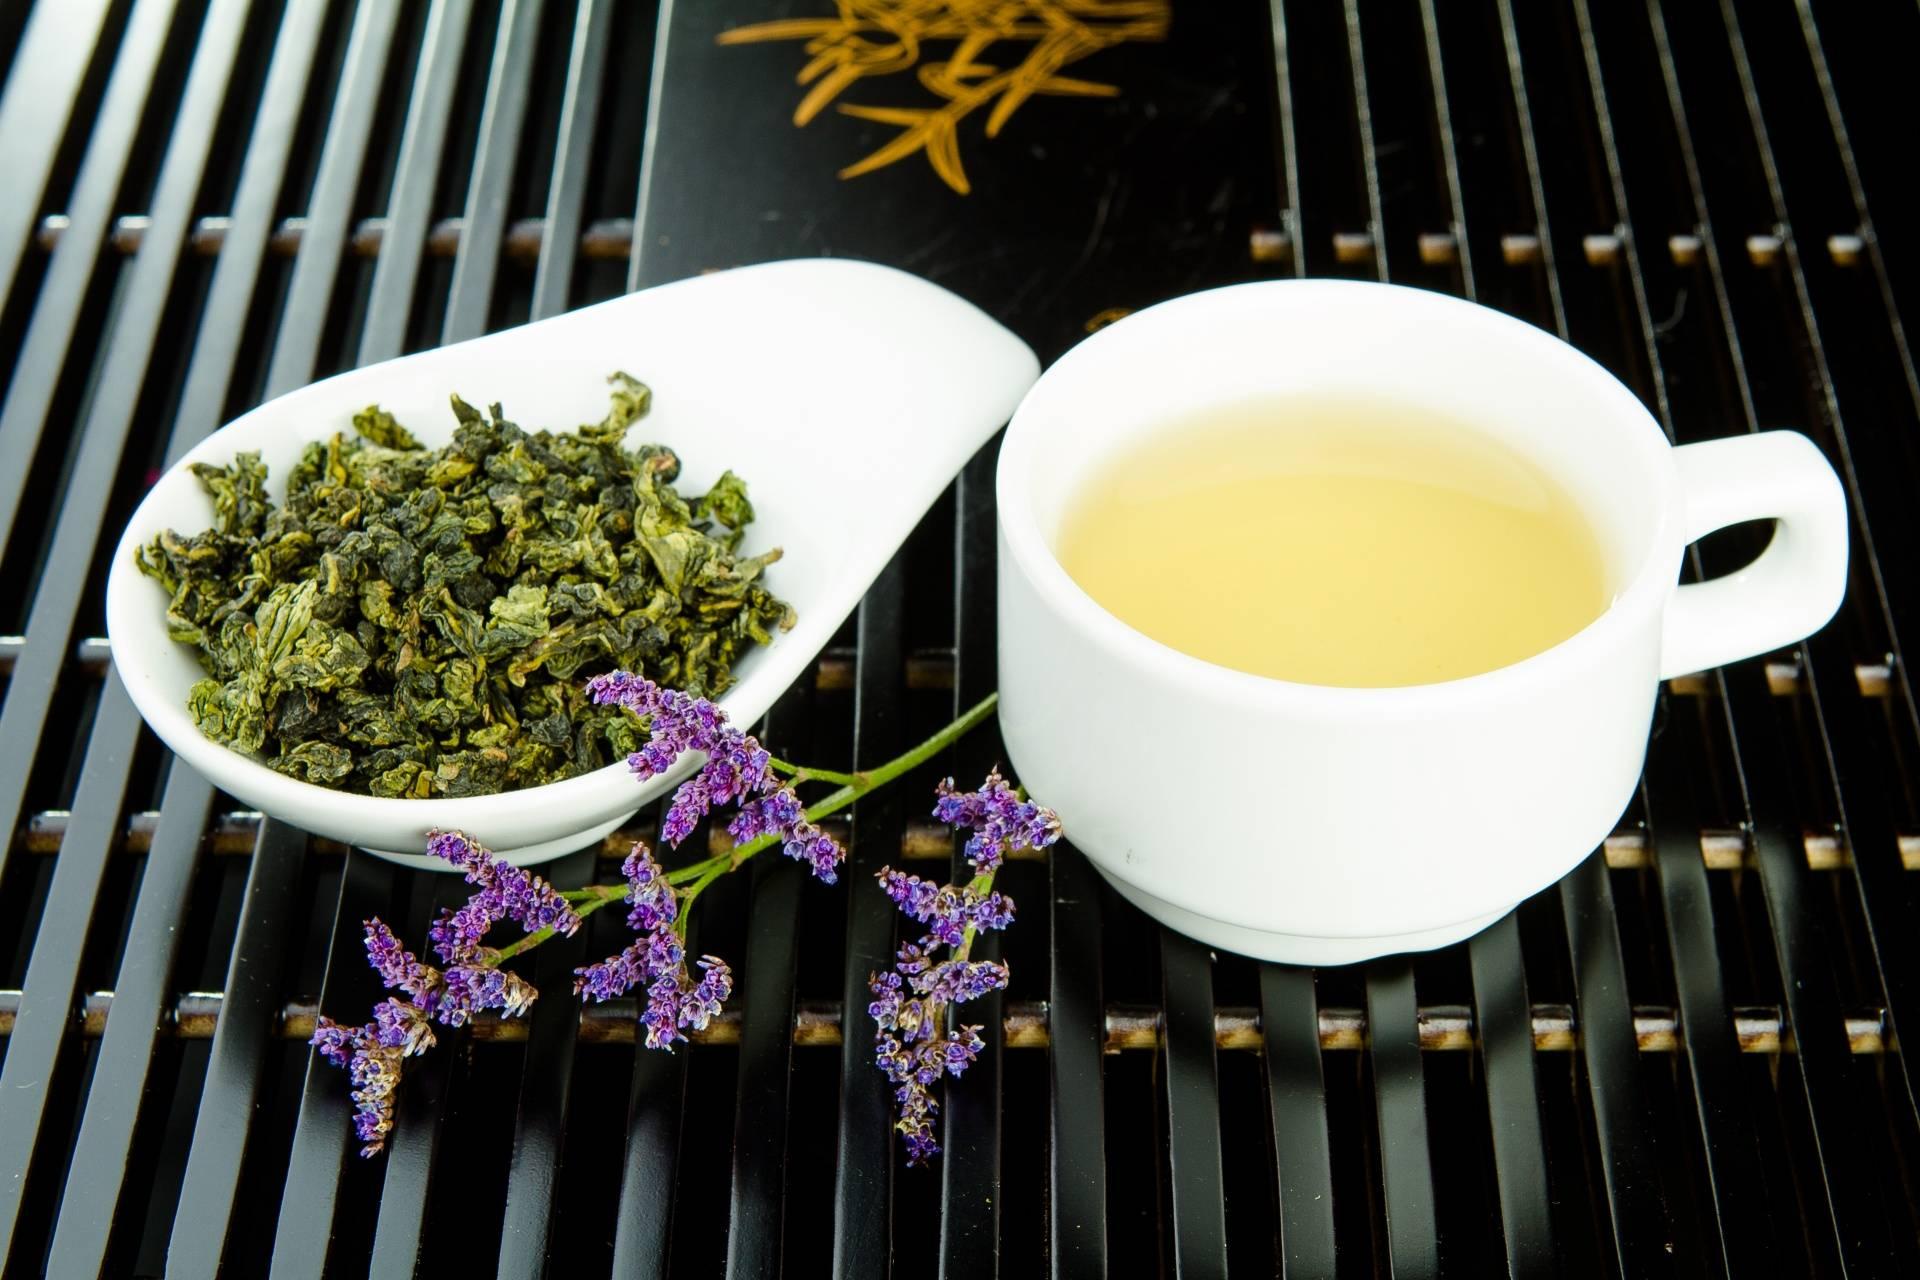 Свойства чая те гуань инь. инструкция по правильному завариванию тигуанинь